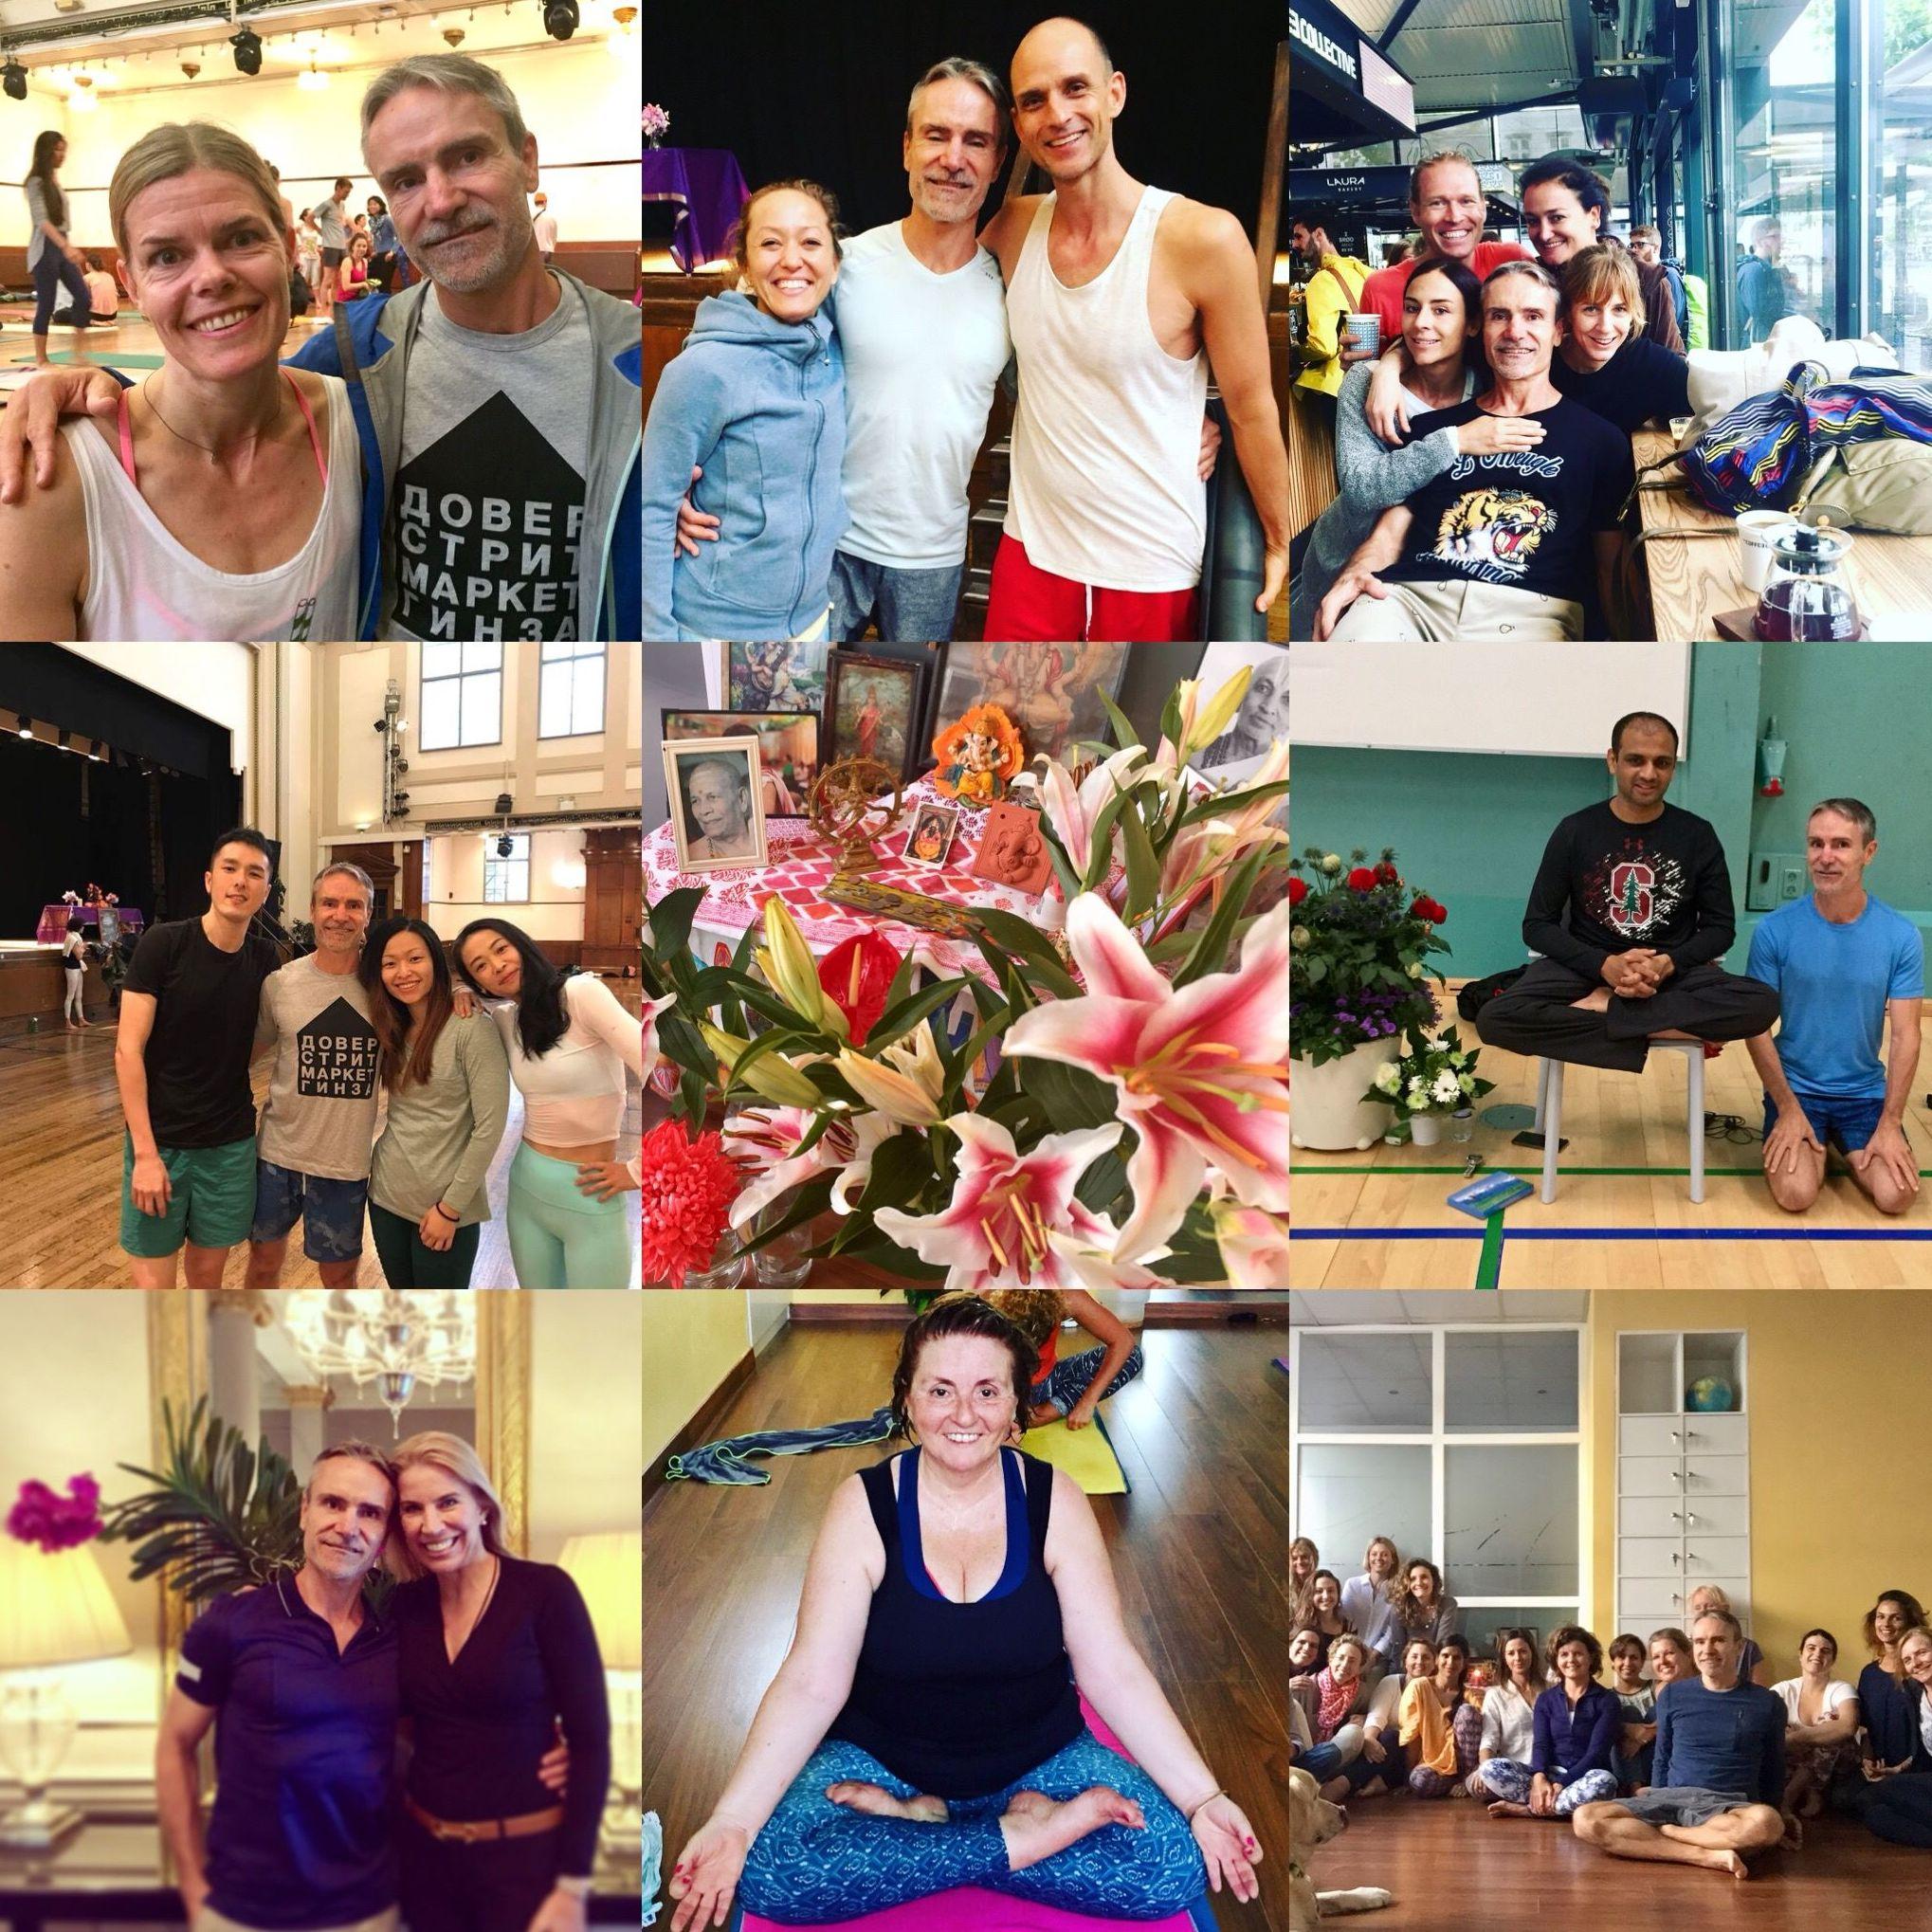 Cursillos de iniciacion Ashtanga Yoga para principiantes en Palma cada mes, febrero dias 14 y 16